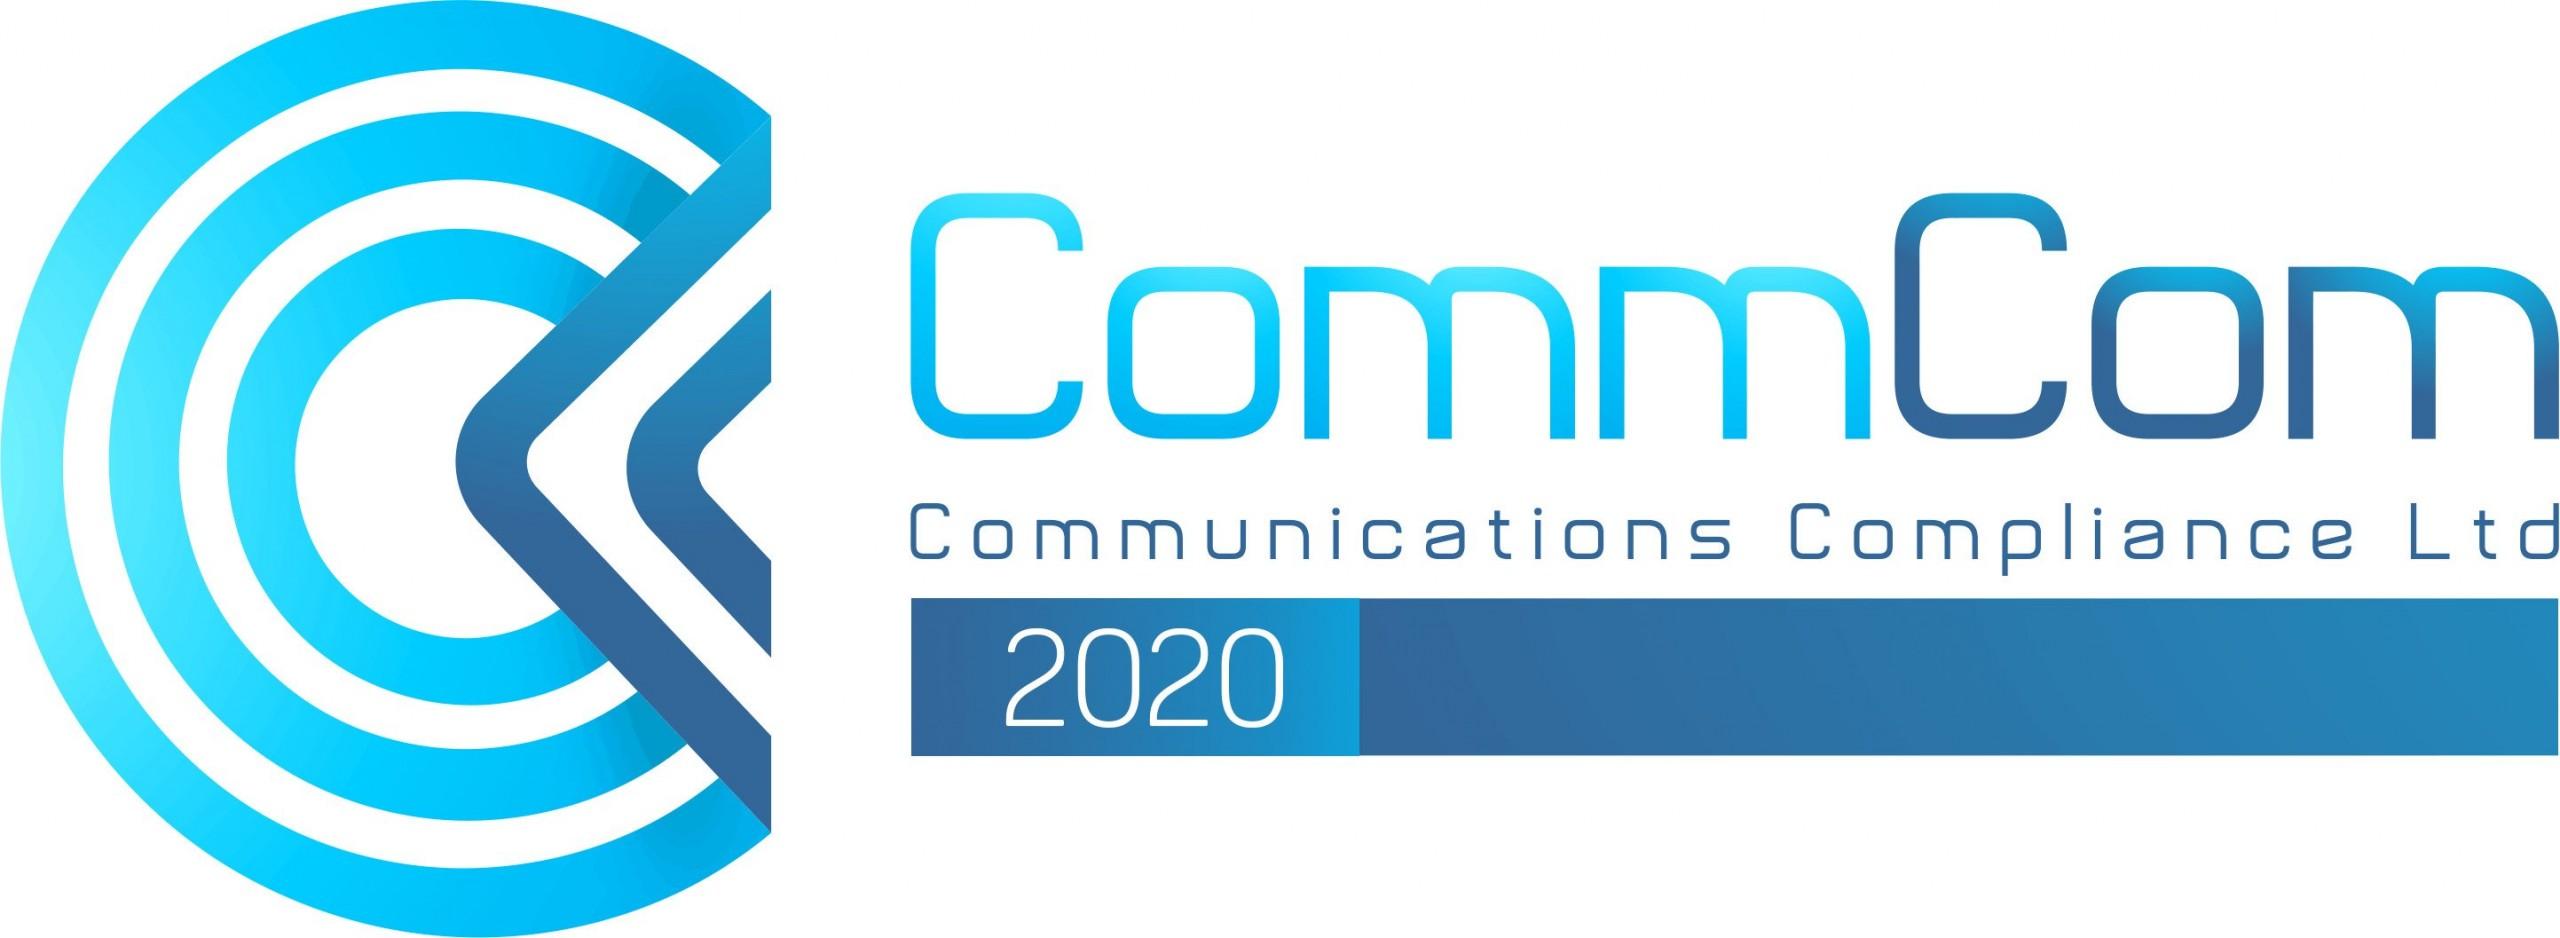 CommCom 2020